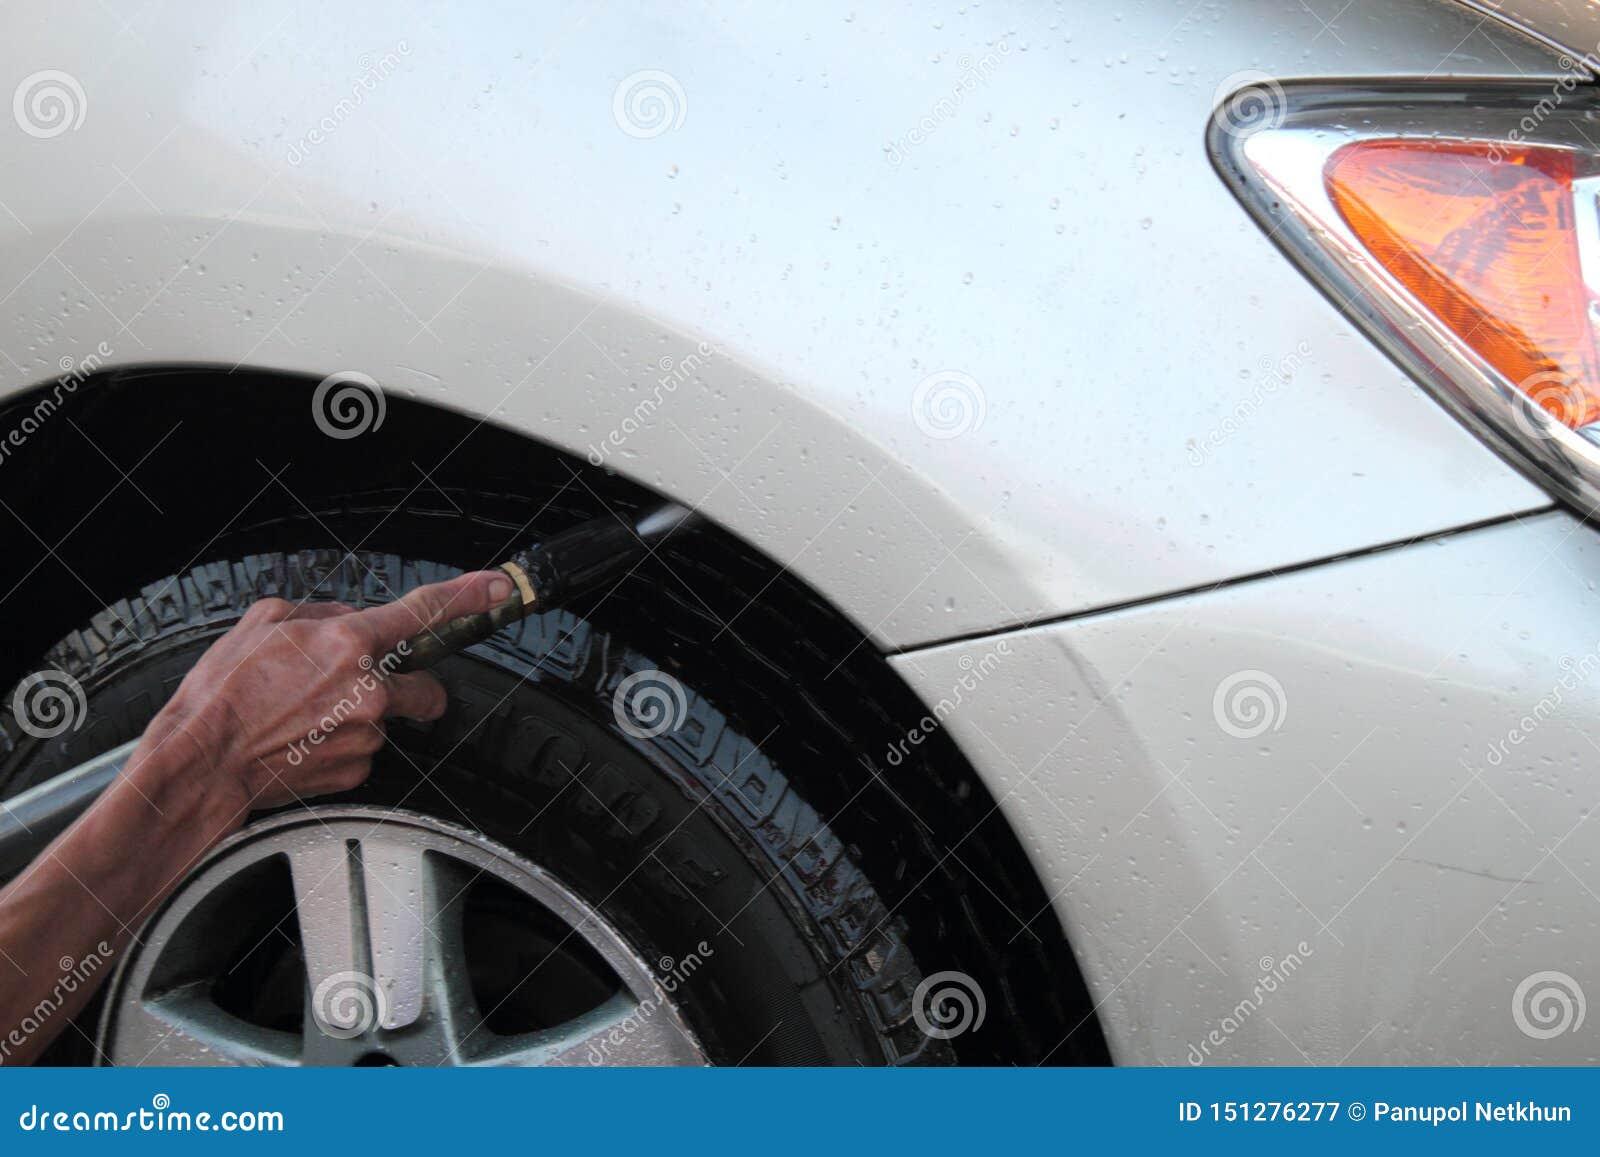 Hoge druk schoonmakende autowasserette